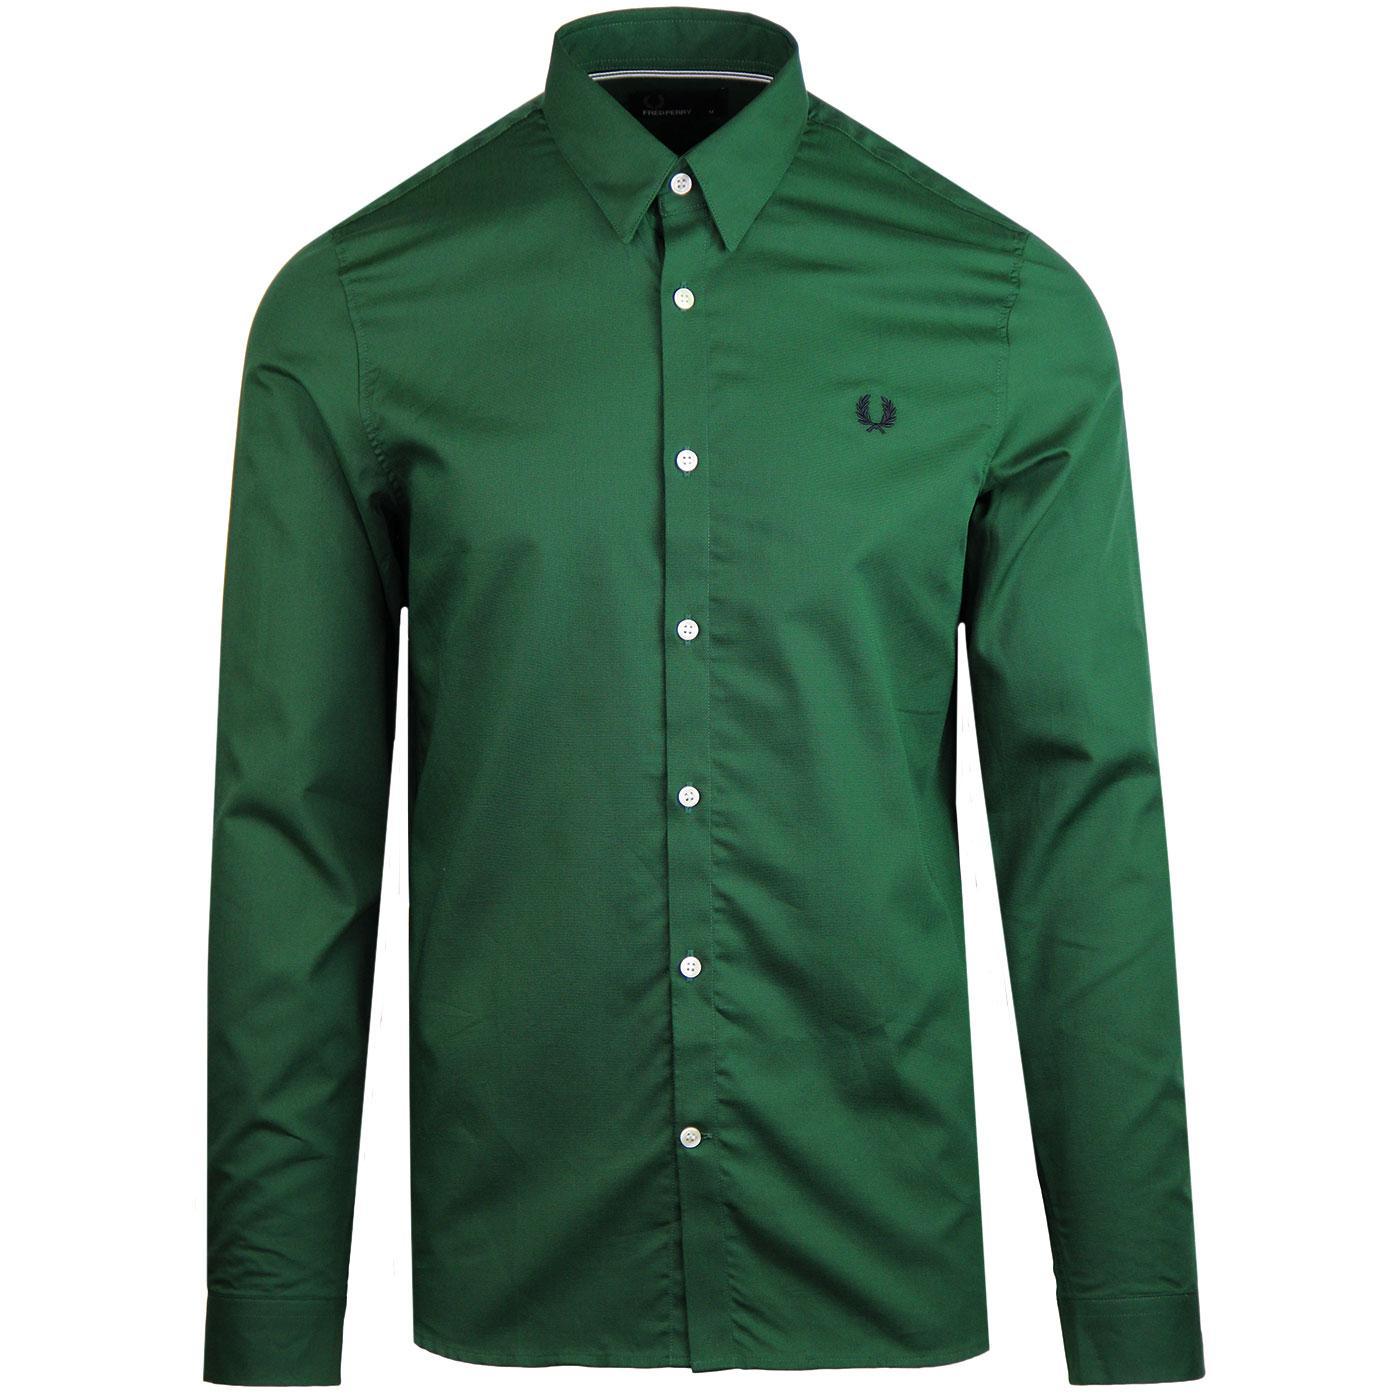 FRED PERRY Mod Button Under Shirt (Tartan Green)